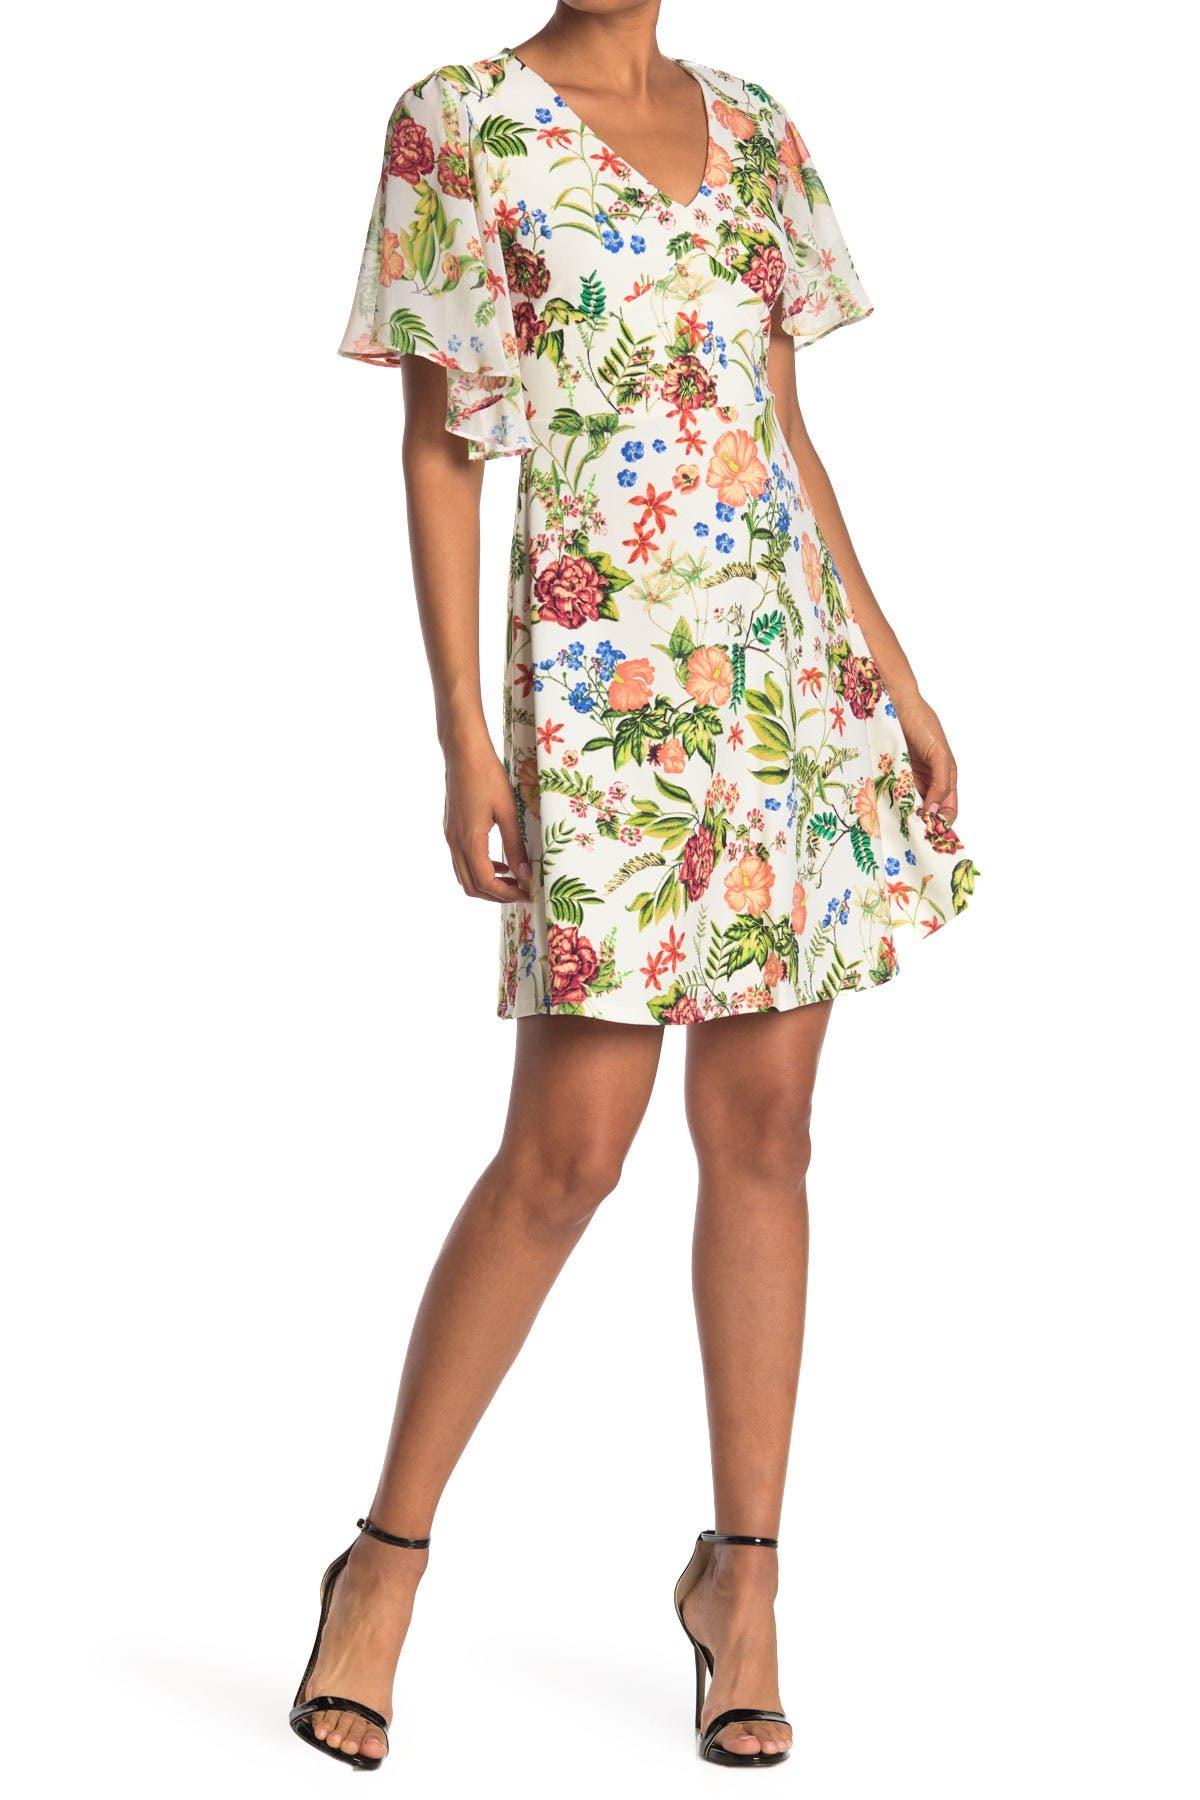 Image of TASH + SOPHIE Floral Flutter Sleeve Dress